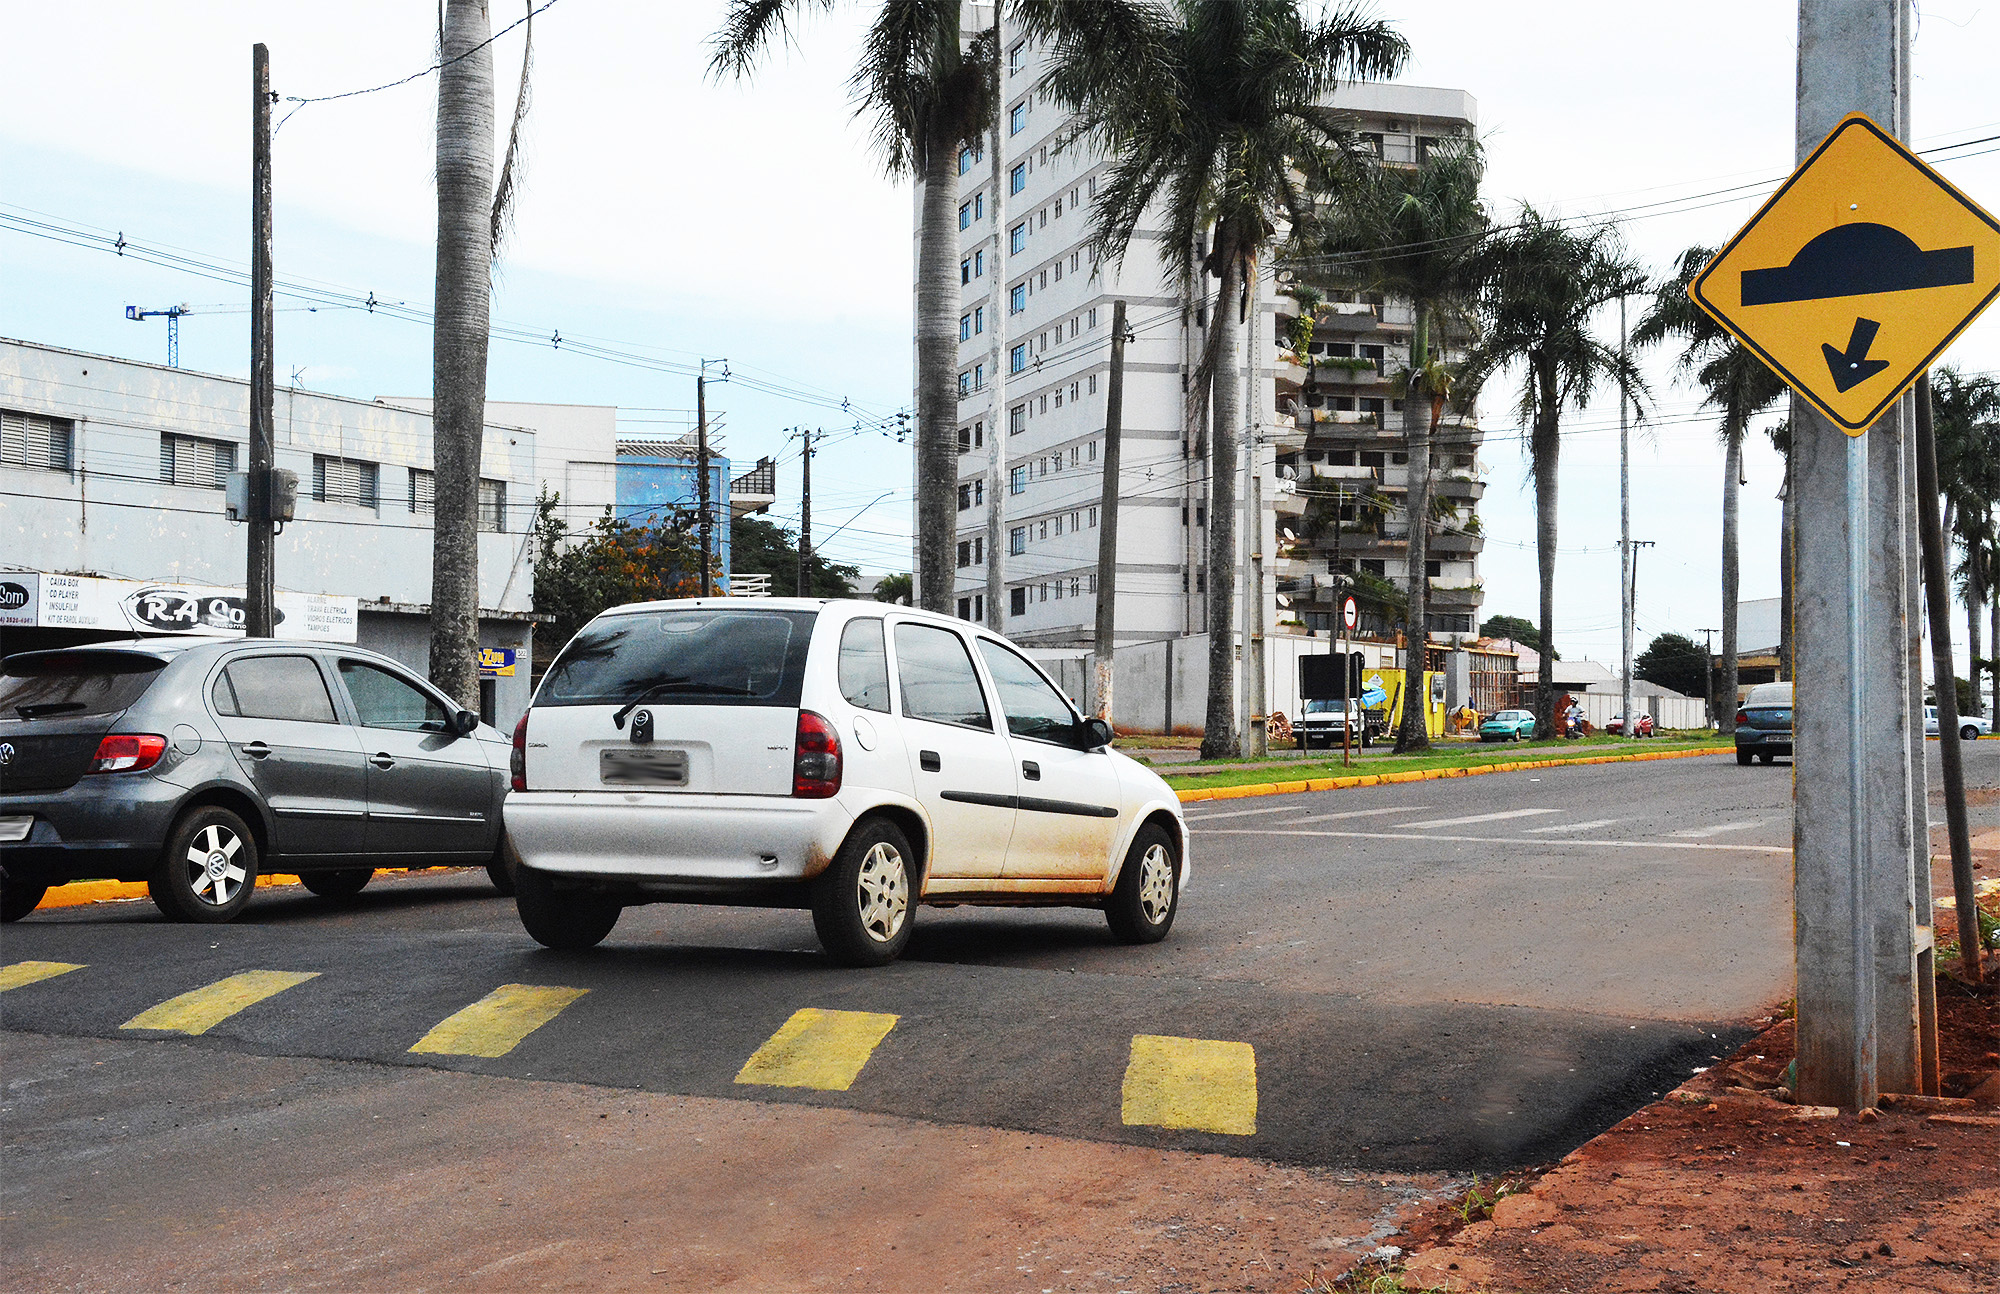 Novos redutores de velocidade são instalados na cidade